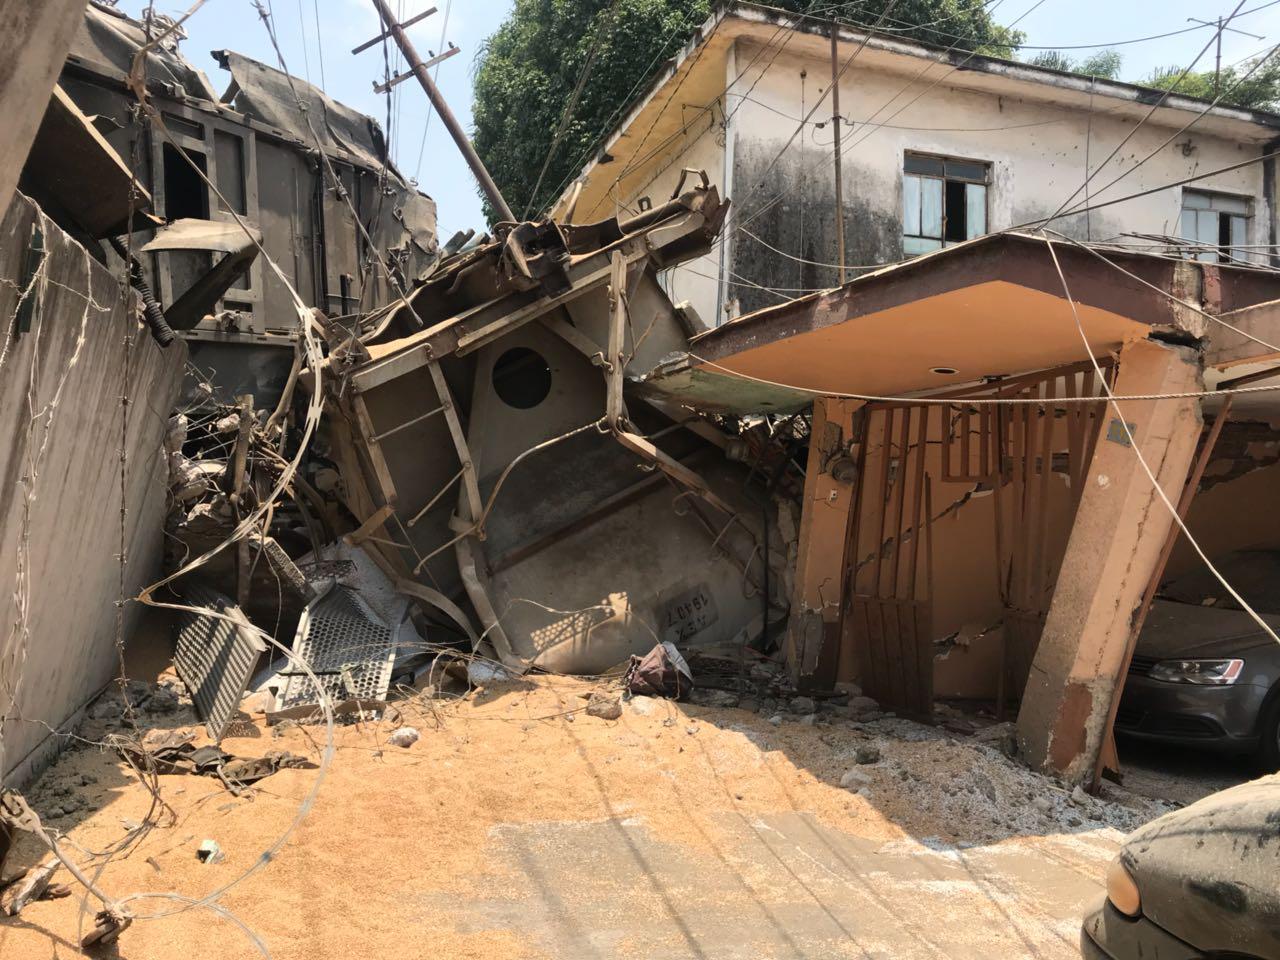 Fotos: los daños a viviendas que provocó choque de trenes en Río Blanco